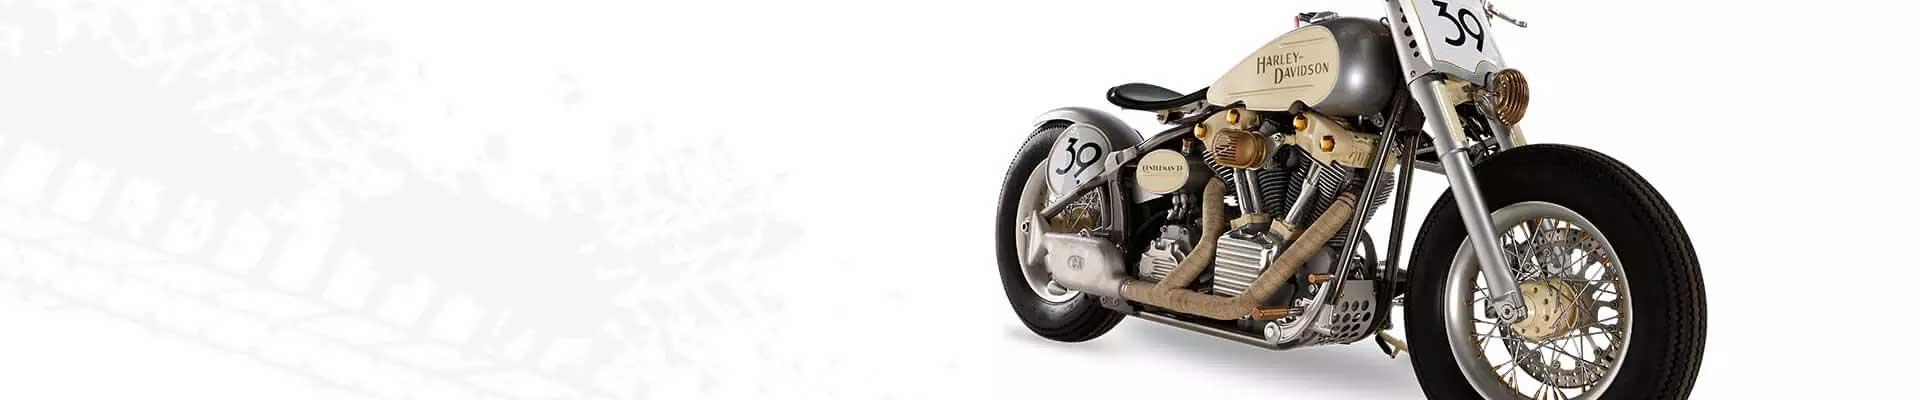 custom-bike-insurance-custom-bike